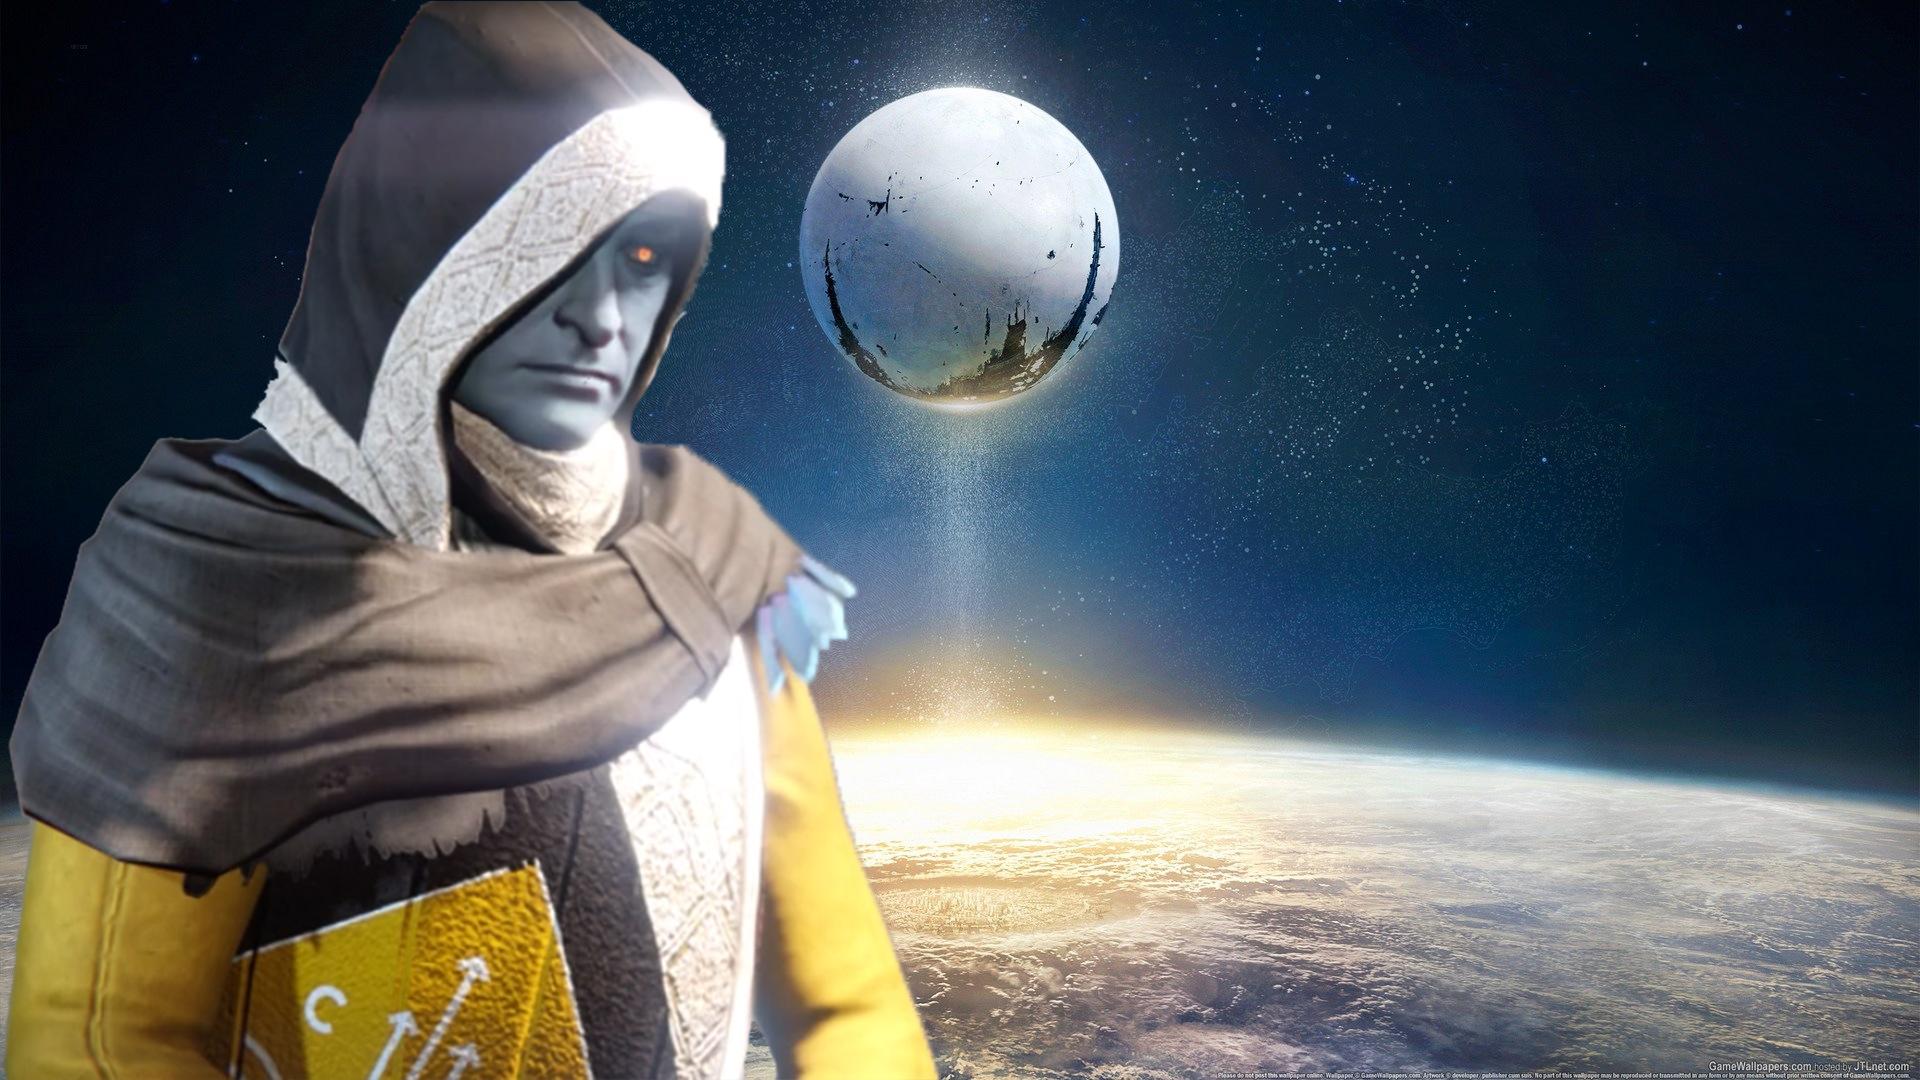 Destiny: Vorsicht beim Entschlüsseln von exotischen Engrammen!